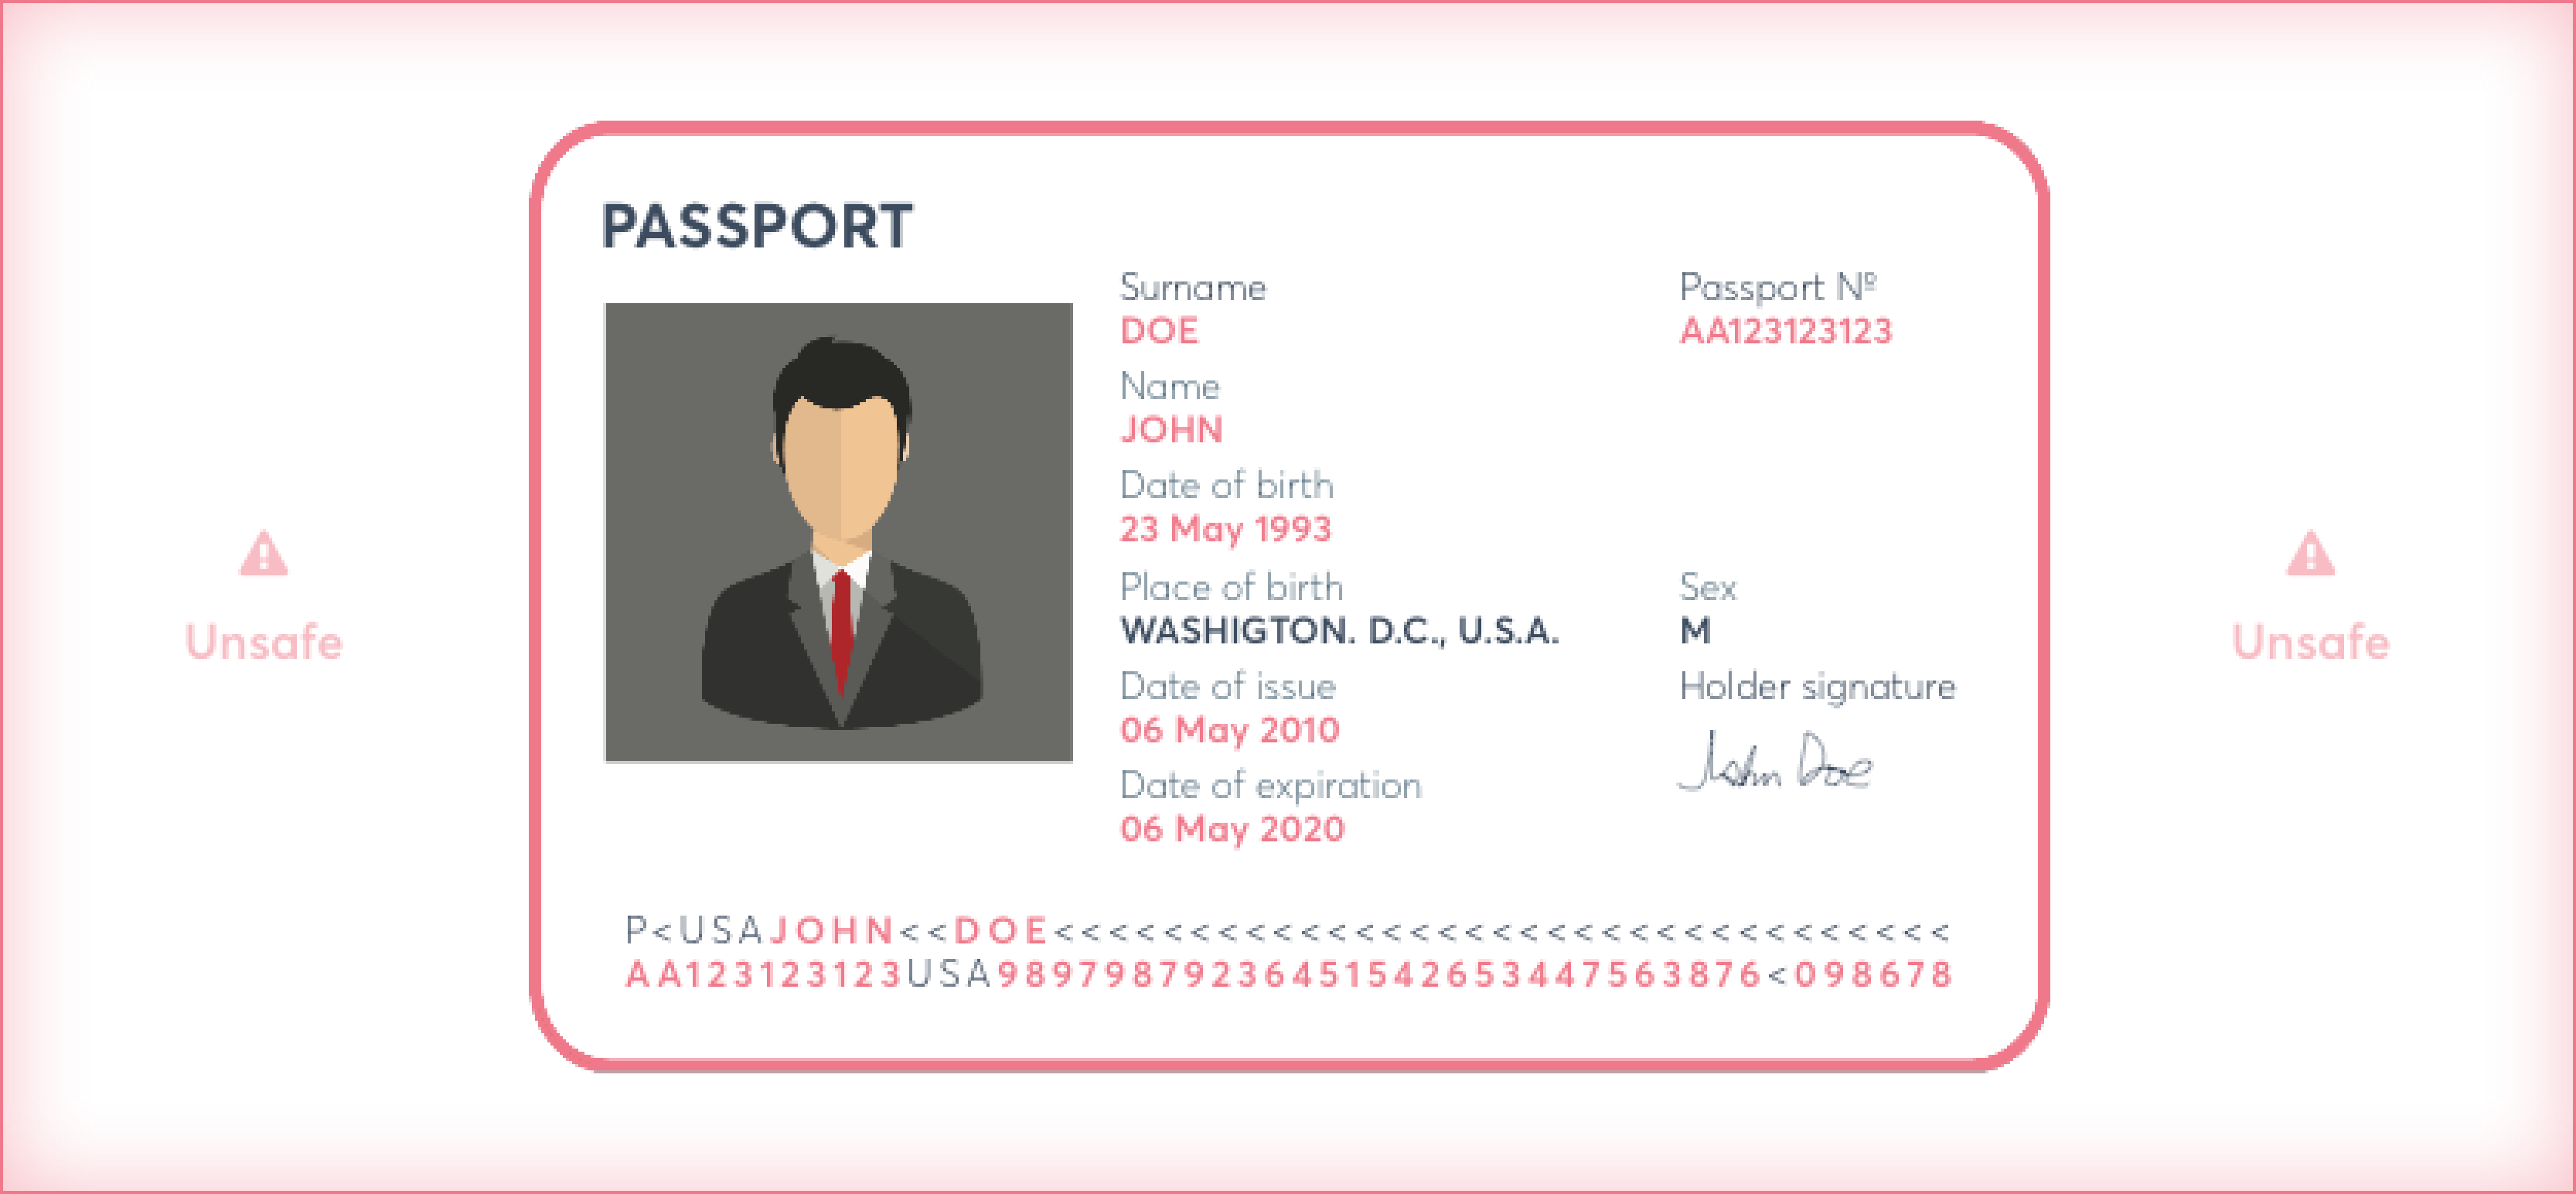 Unredacted passport